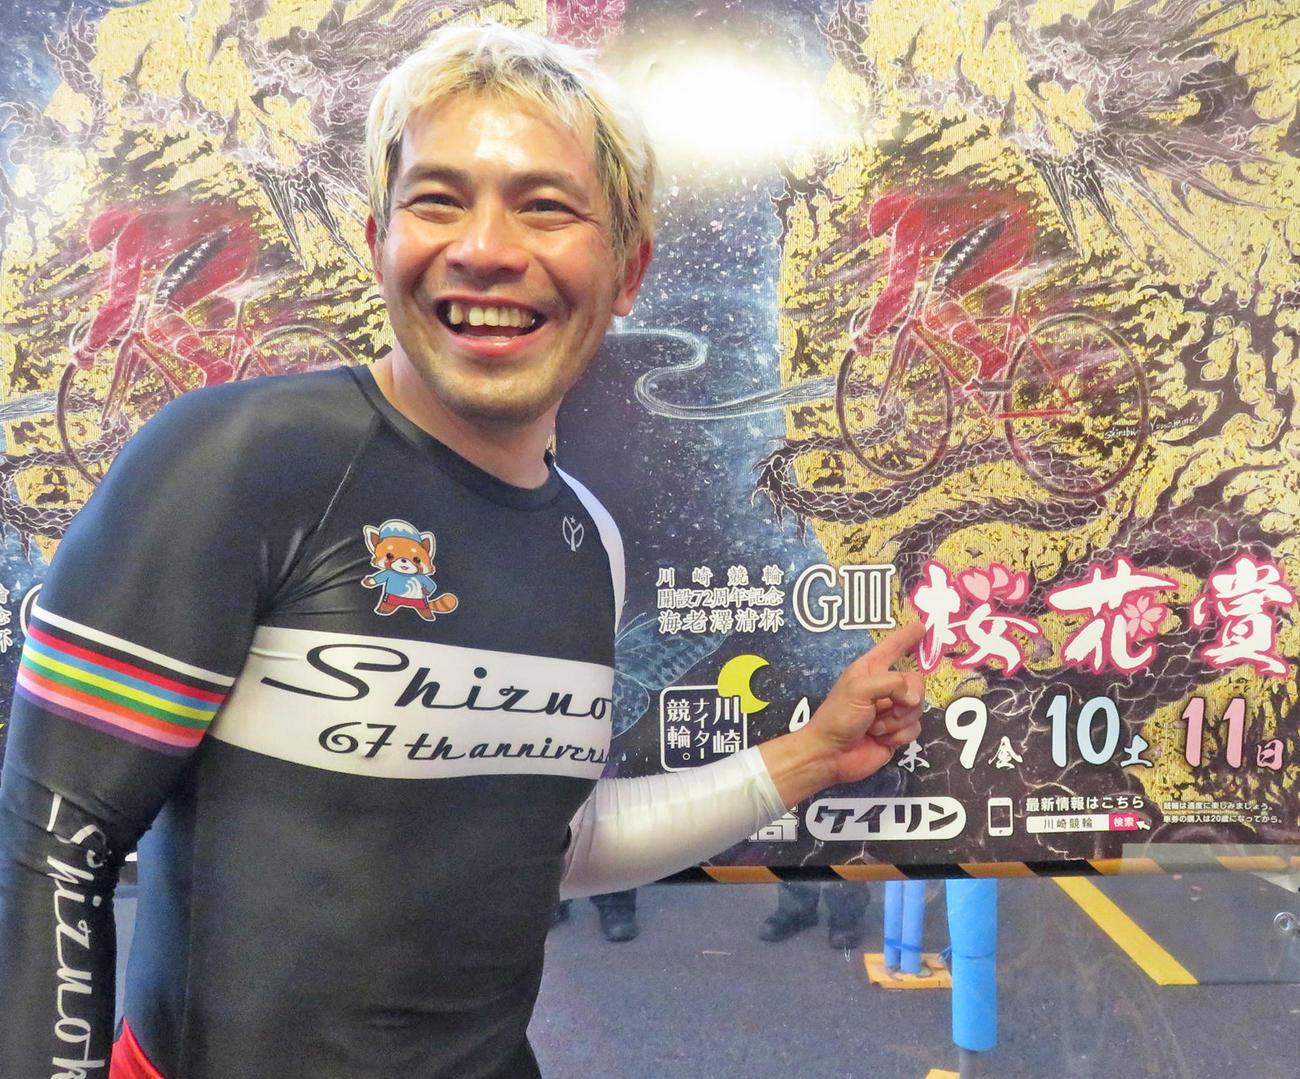 競馬ファンの小林大介は「桜花賞」の文字にビビッと反応